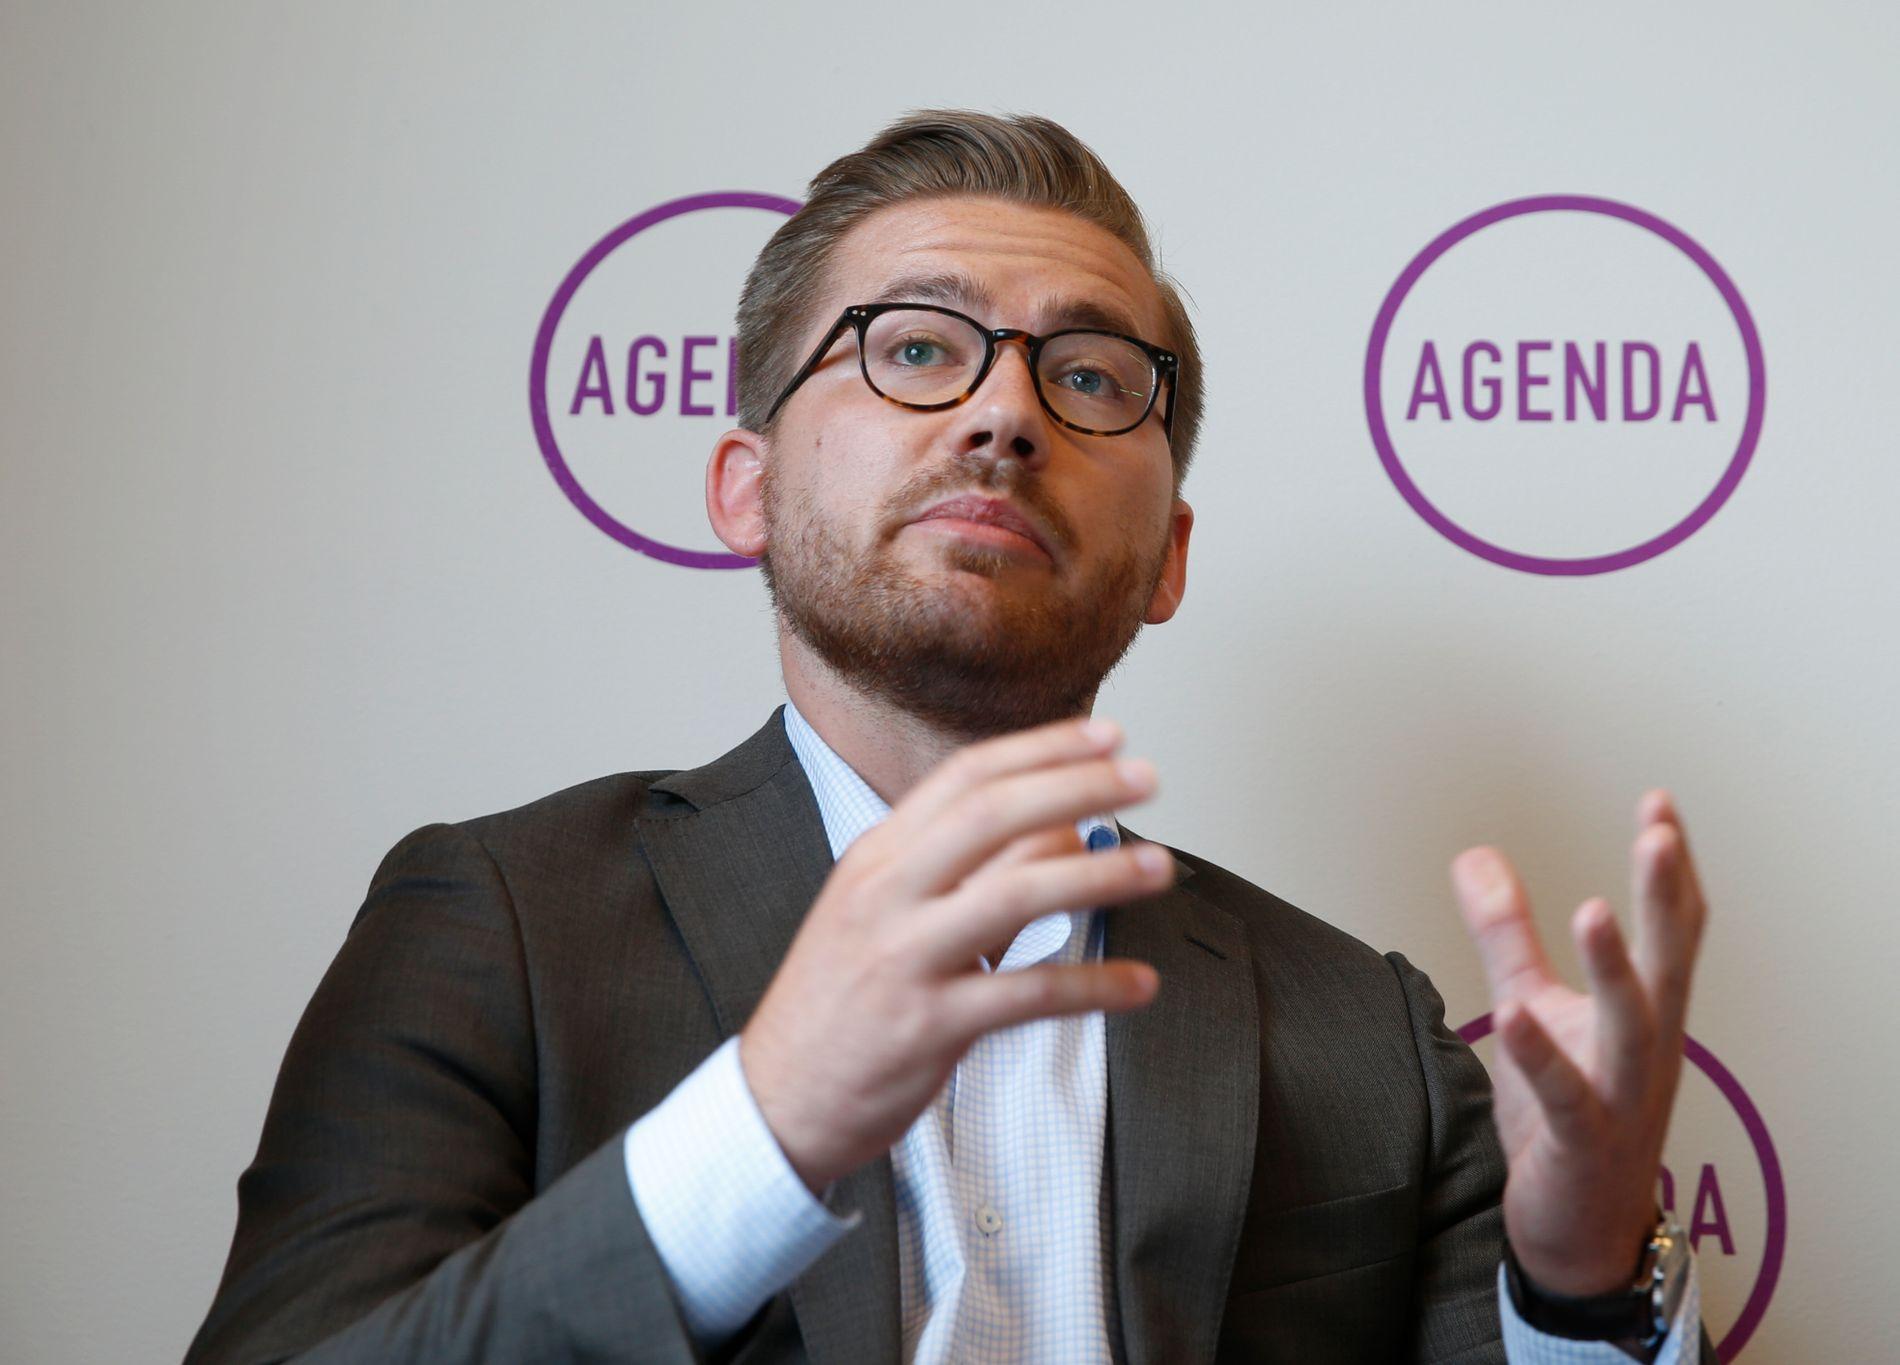 STØTTER: Sentralstyremedlem i Venstre, Sveinung Rotevatn, støtter forslaget fra Unge Venstre om å regulere narkotiske stoffer på en annen måte og vurdere salg i kontrollerte former.